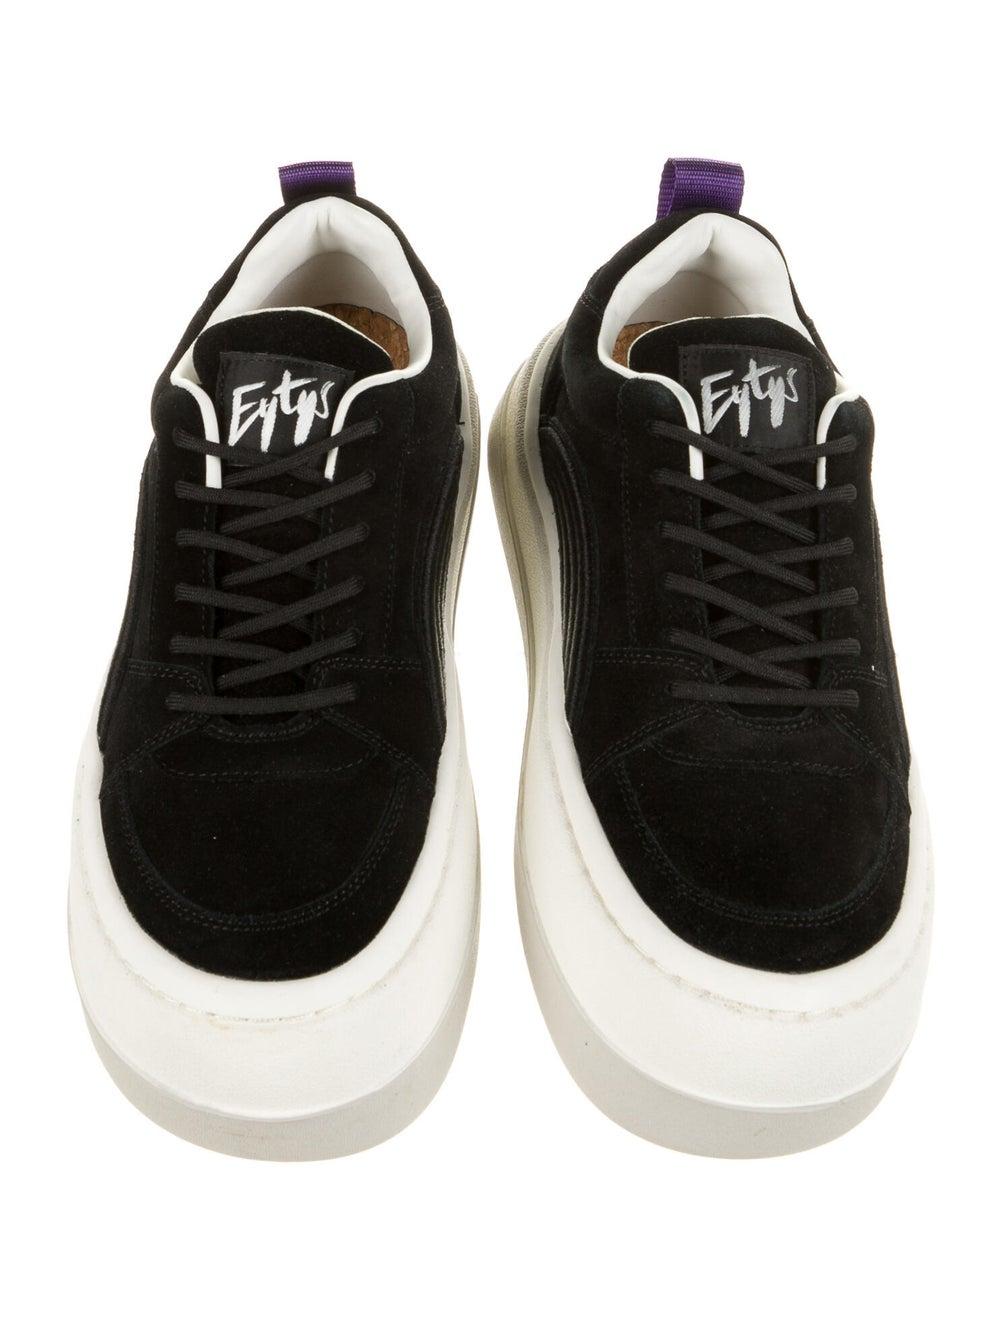 Eytys Suede Sneakers Black - image 3